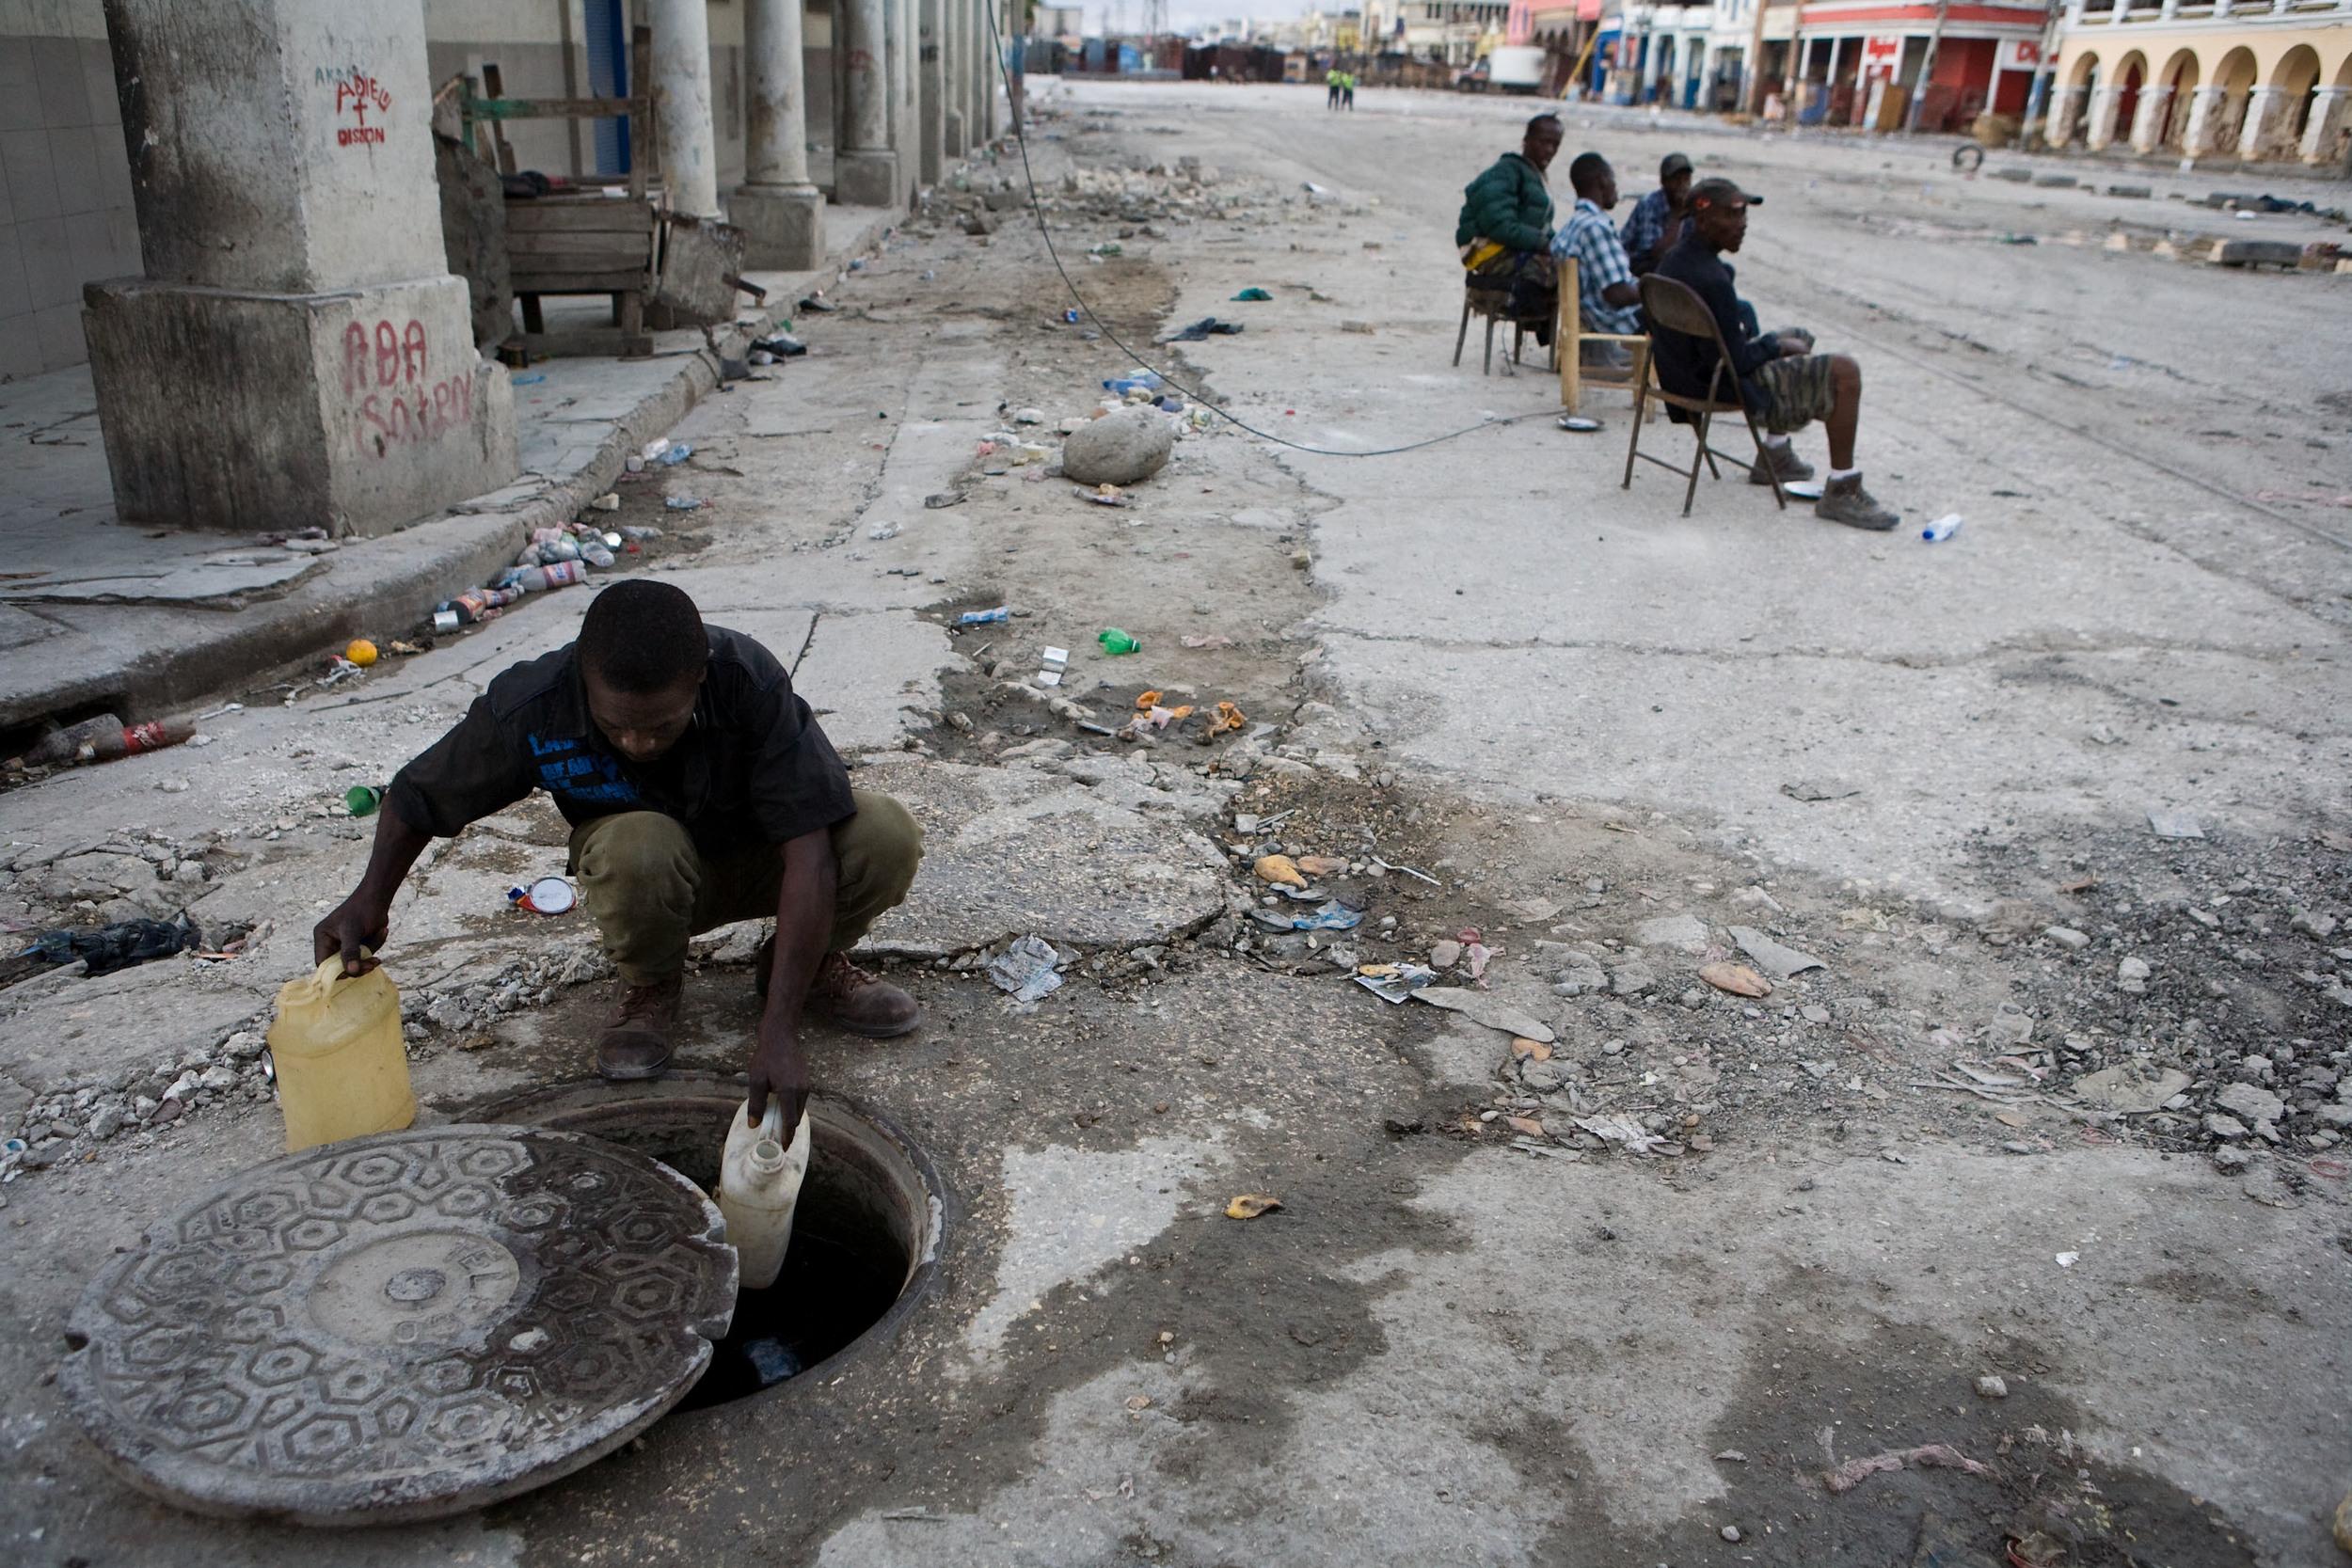 Haiti_Earthquake_new_seq_020.jpg